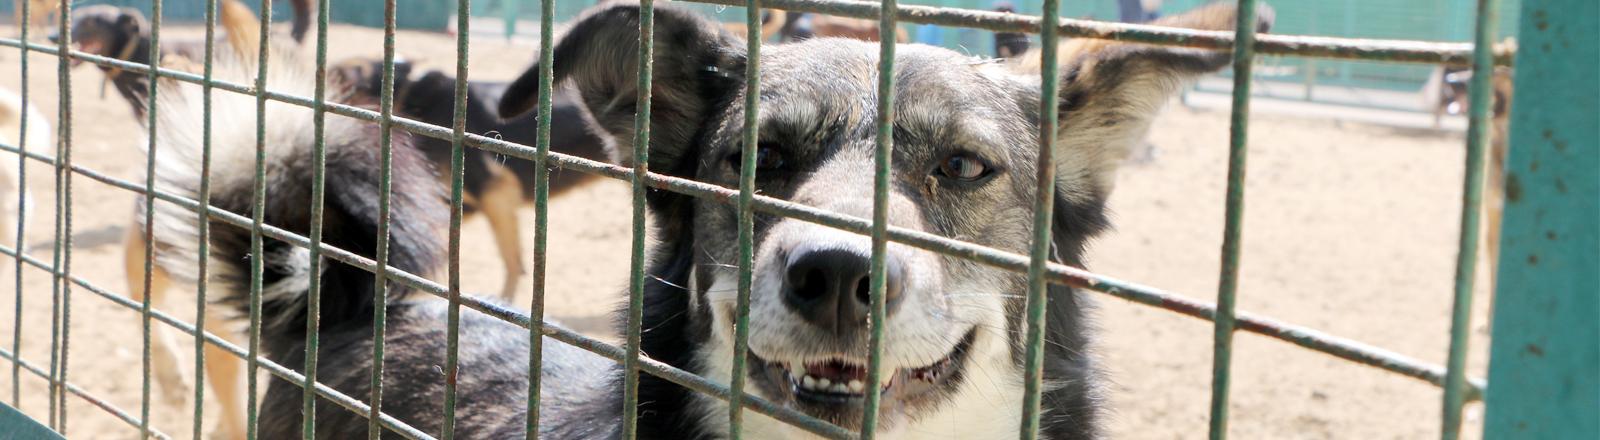 Ein Hund steckt seine Nase durch ein Gitter, wedelt mit dem Schwanz und hechelt